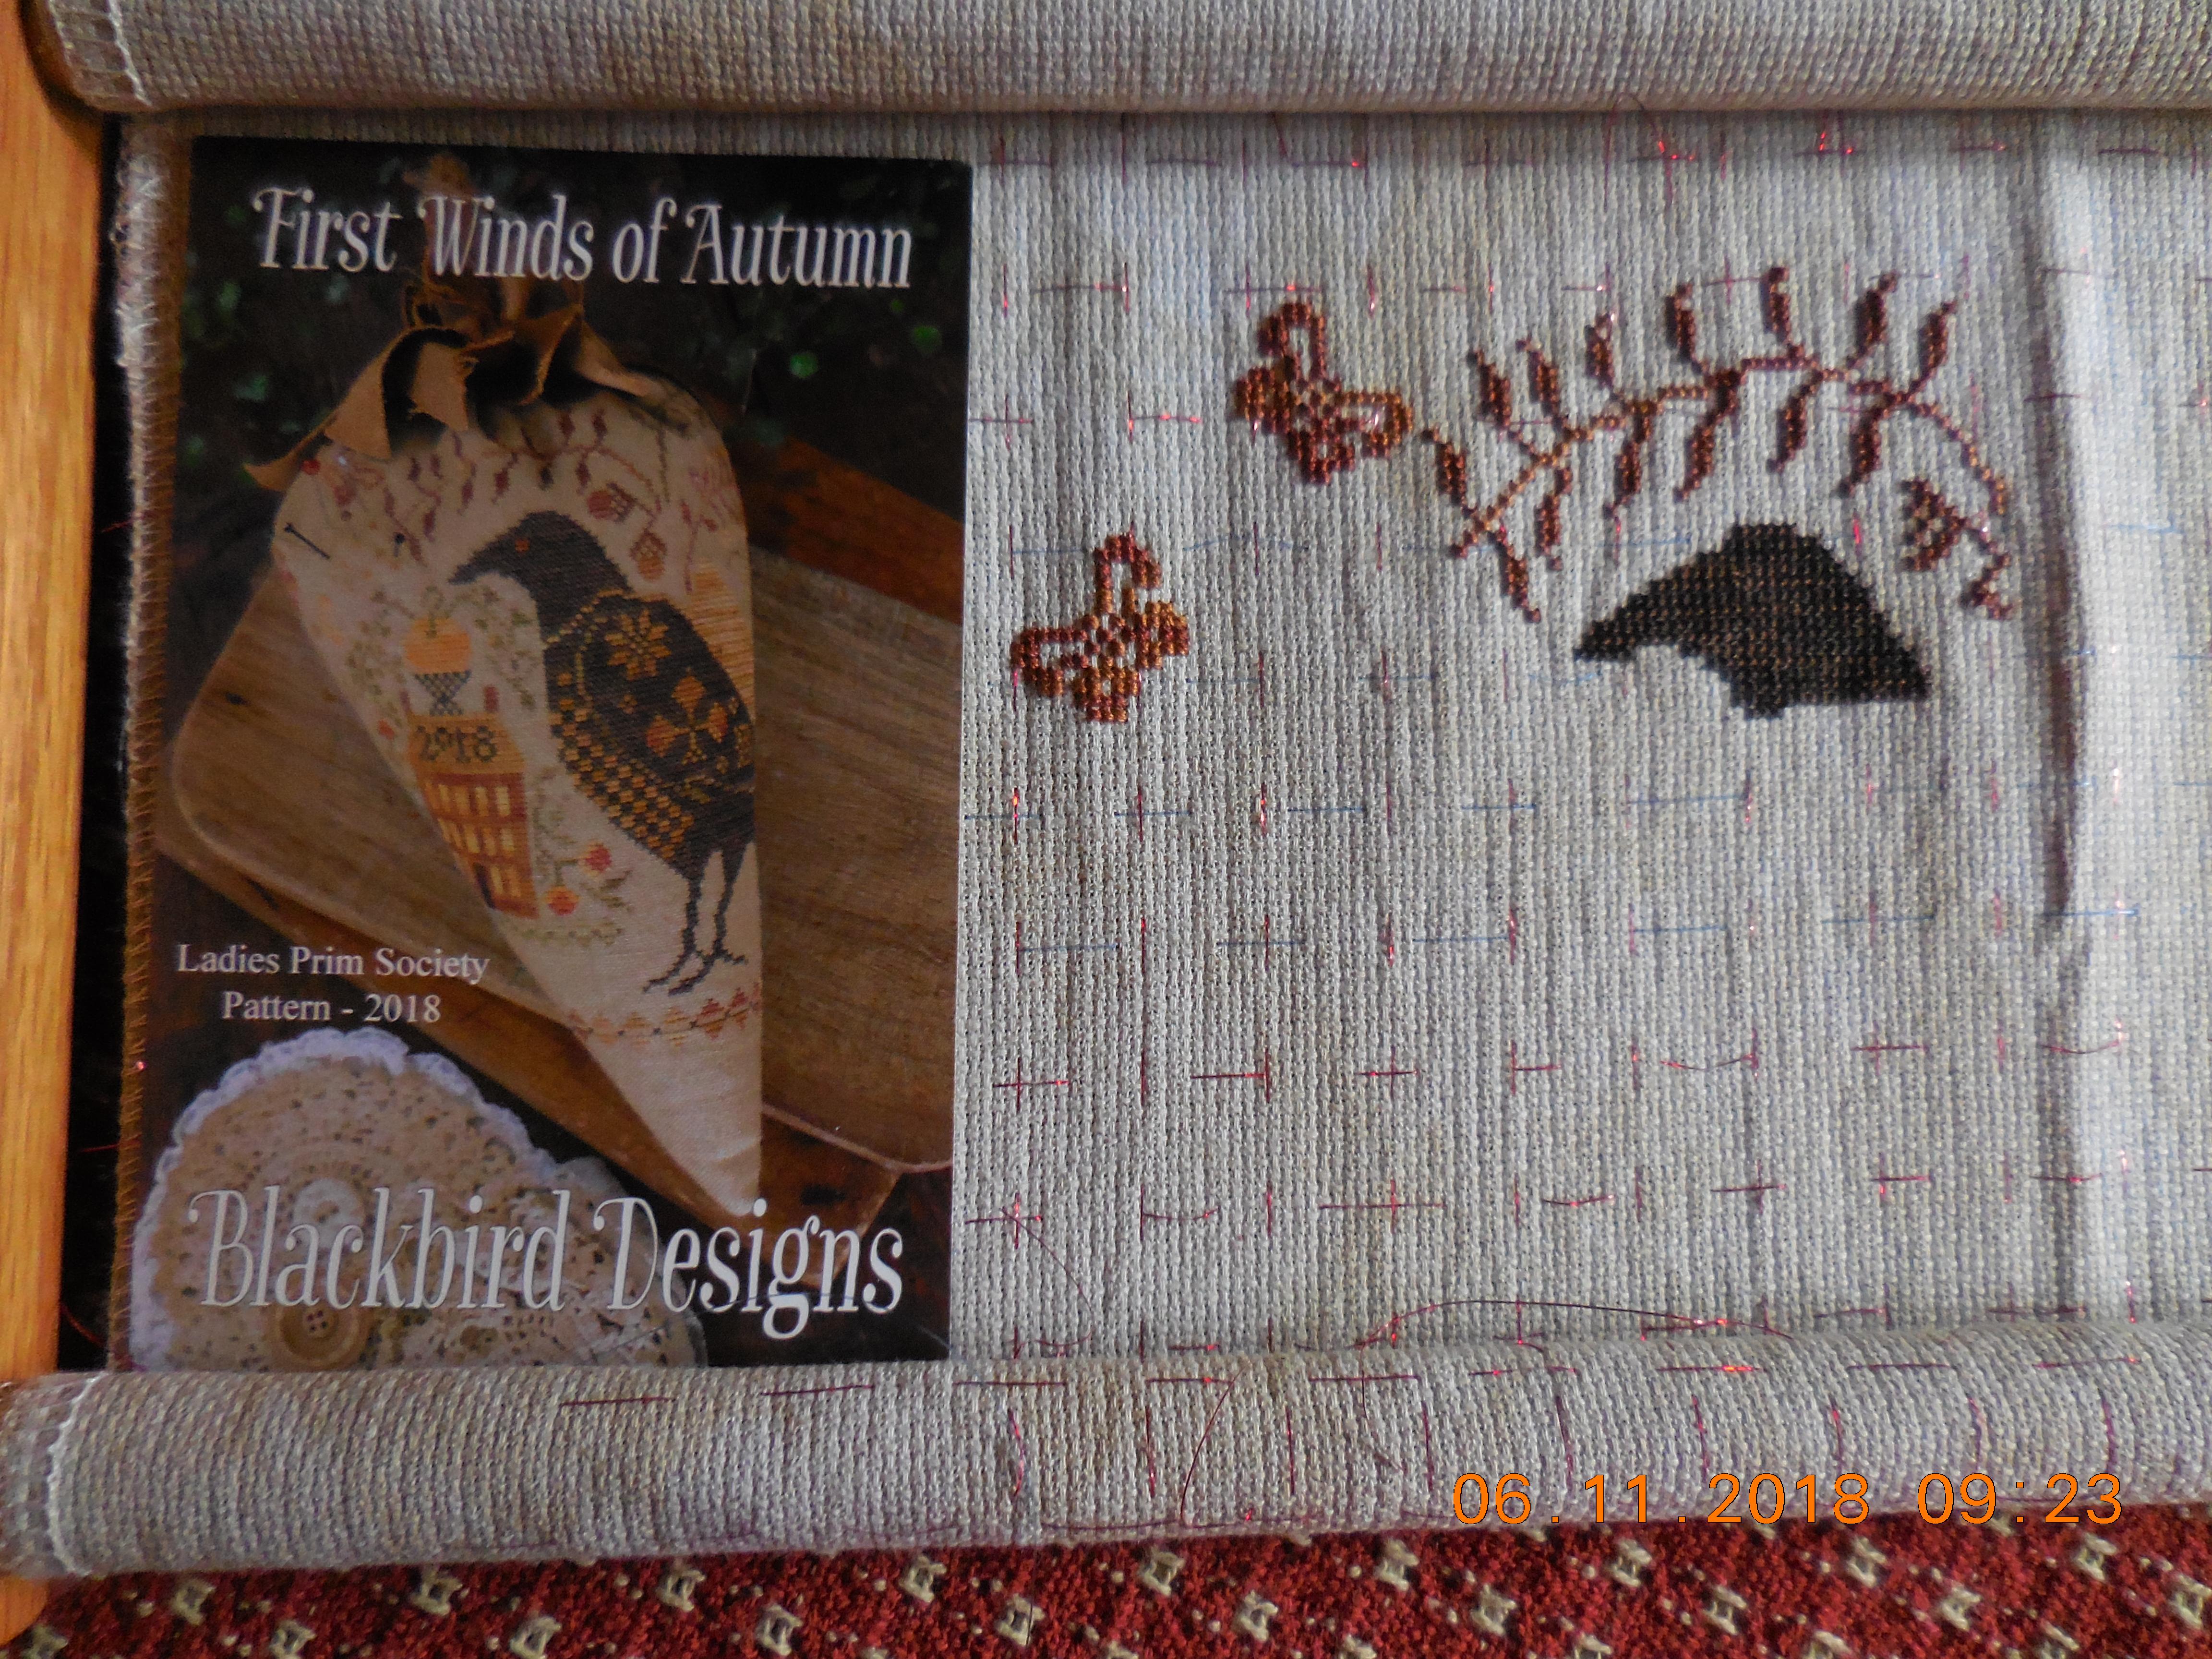 First Winds of Autumn by Blackbird Designs   Pat's Cross